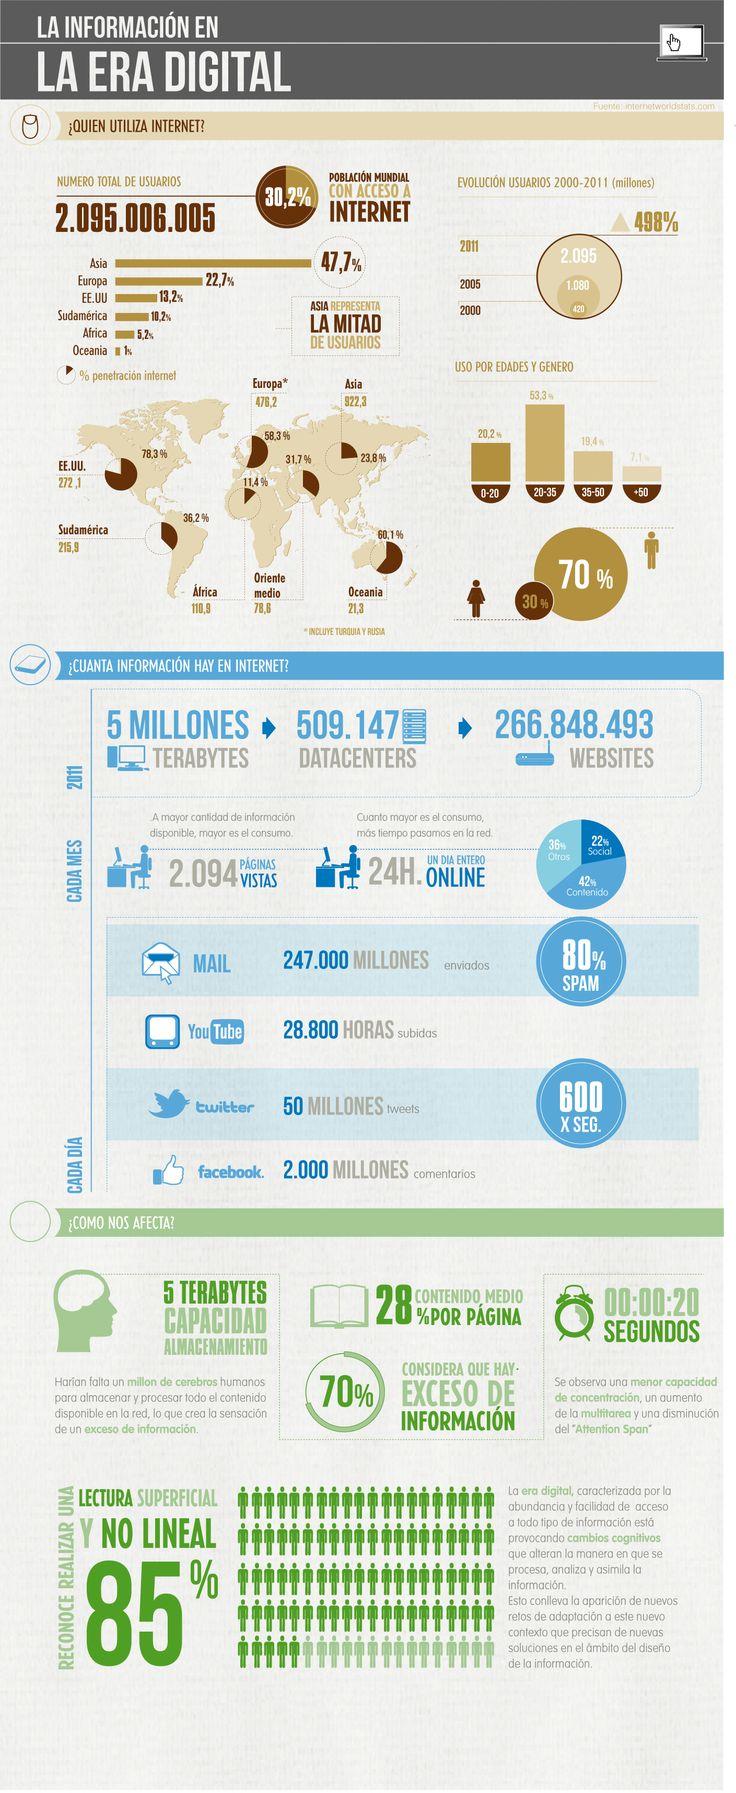 #INFOGRAFIA: Muy interesante sobre, La información en la era digital.